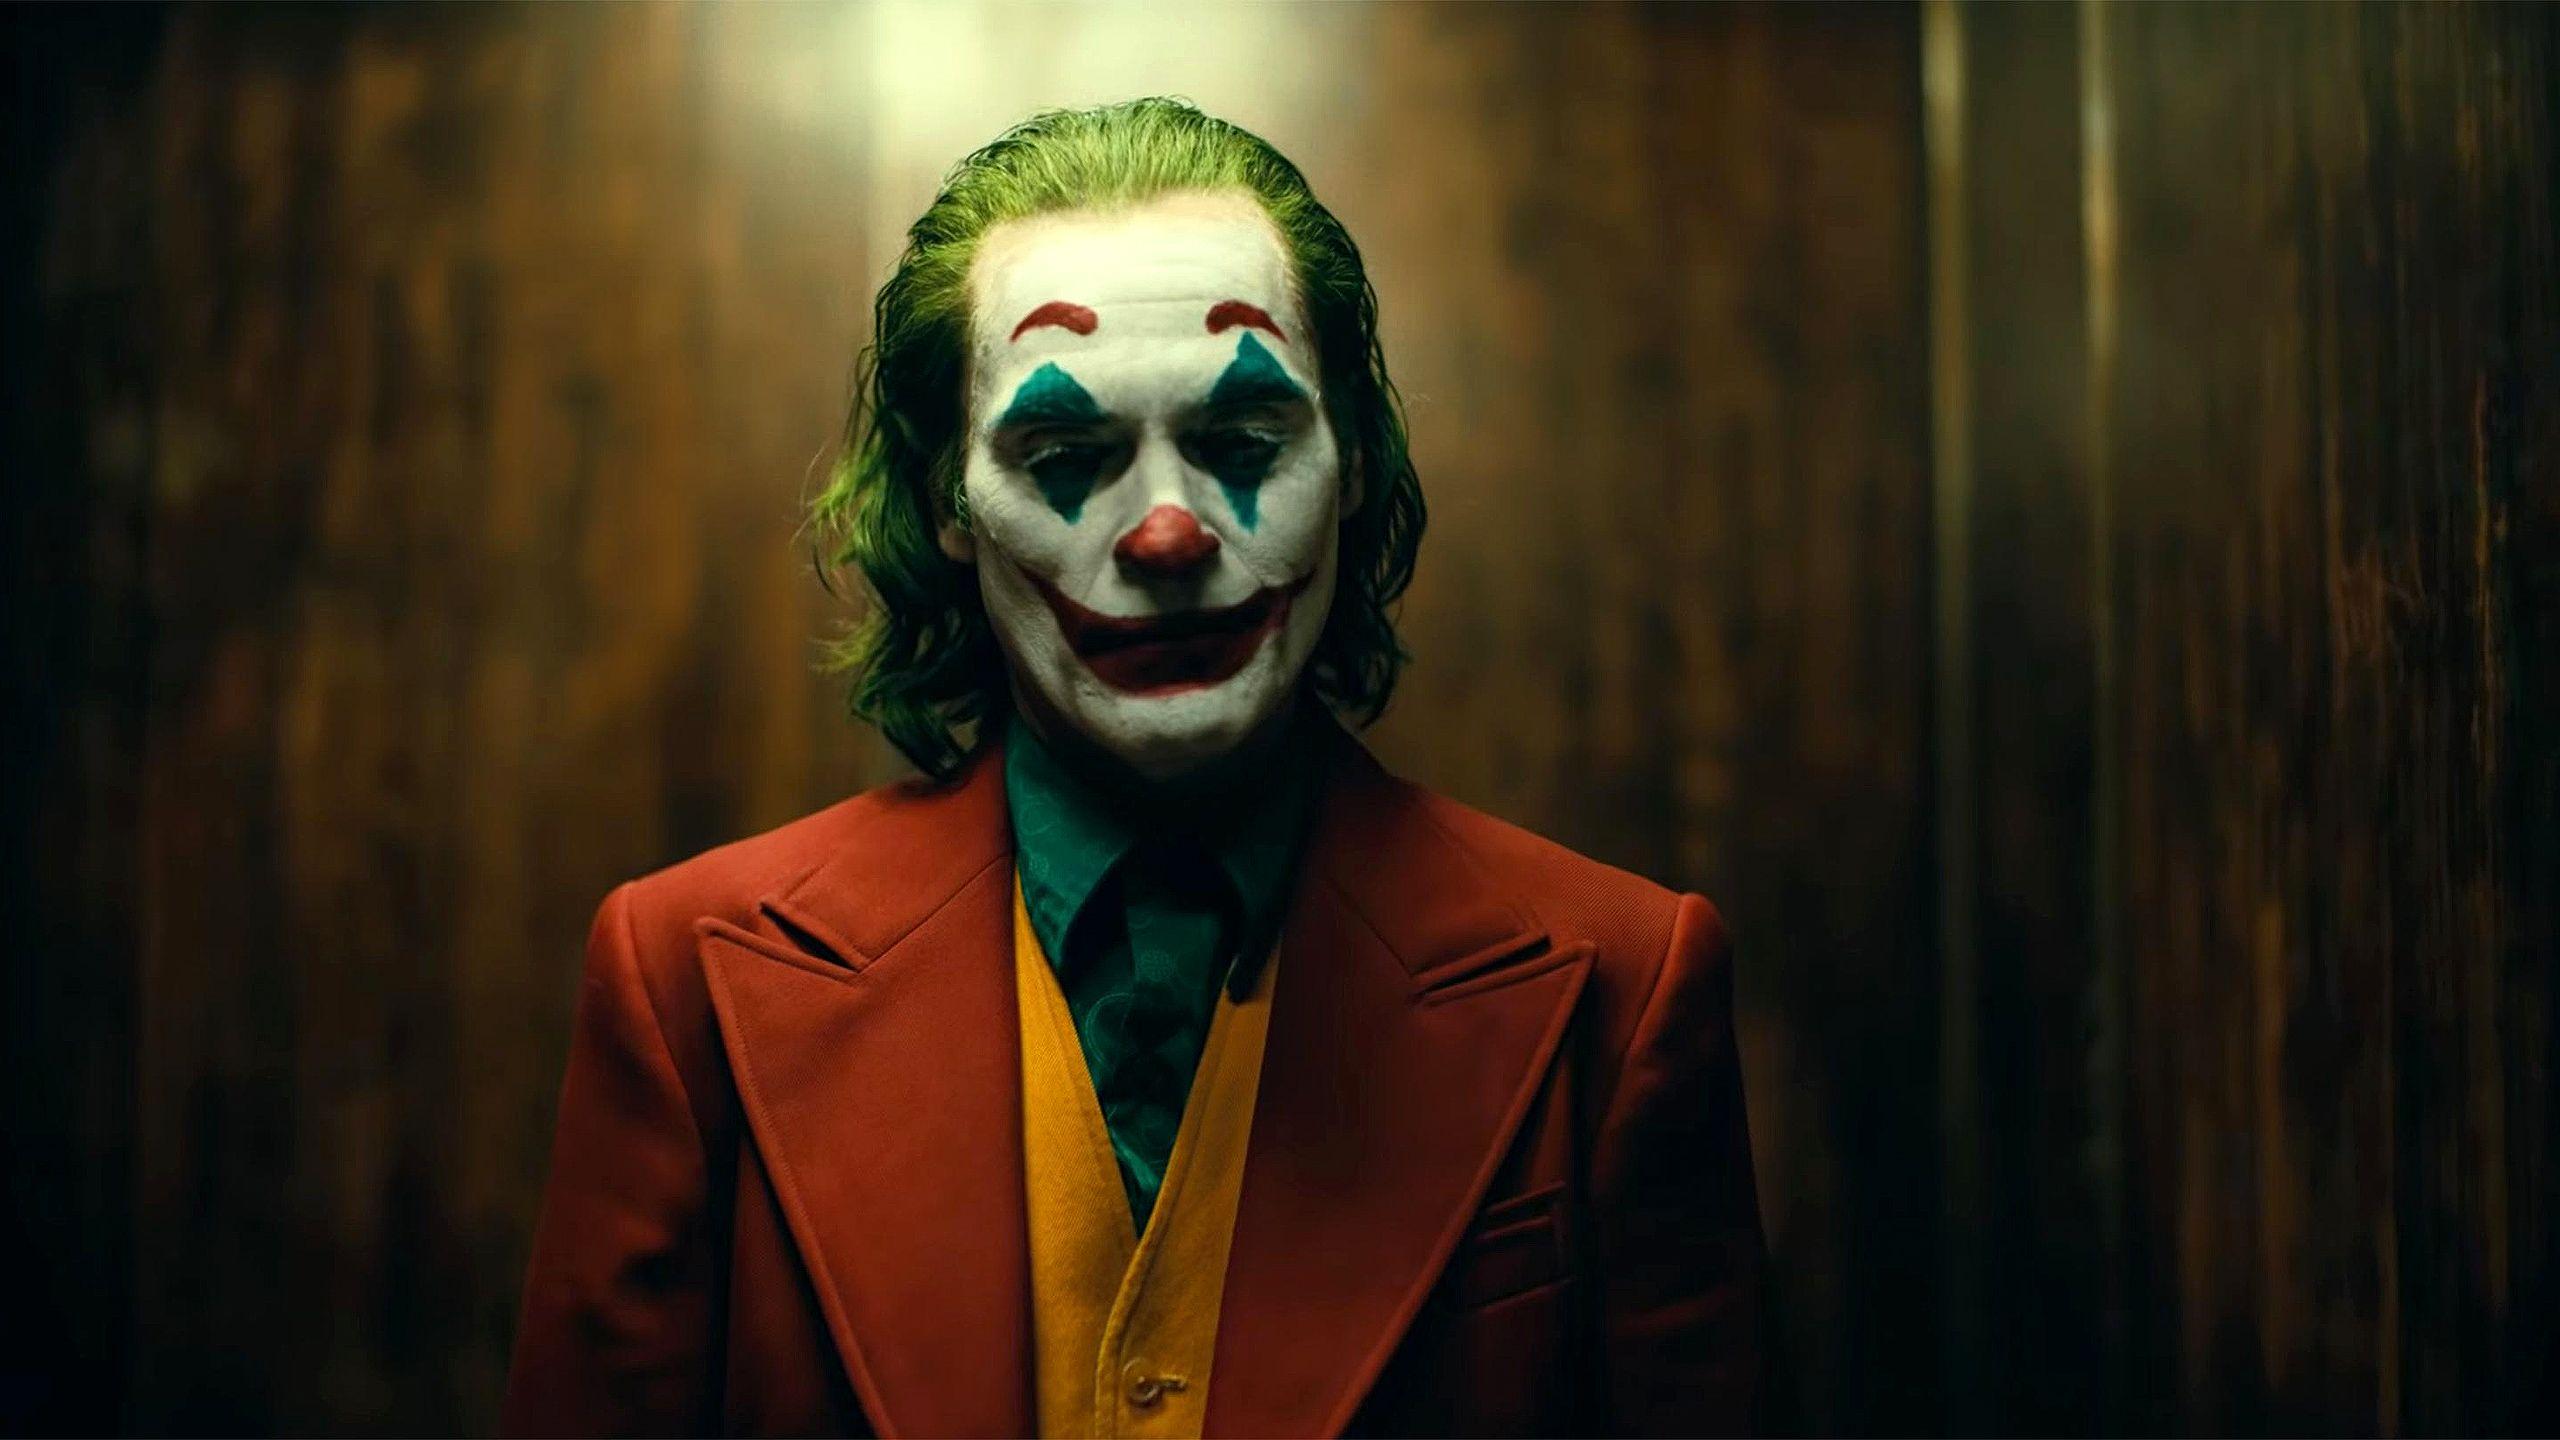 Joker 2019 Wallpapers Trumpwallpapers